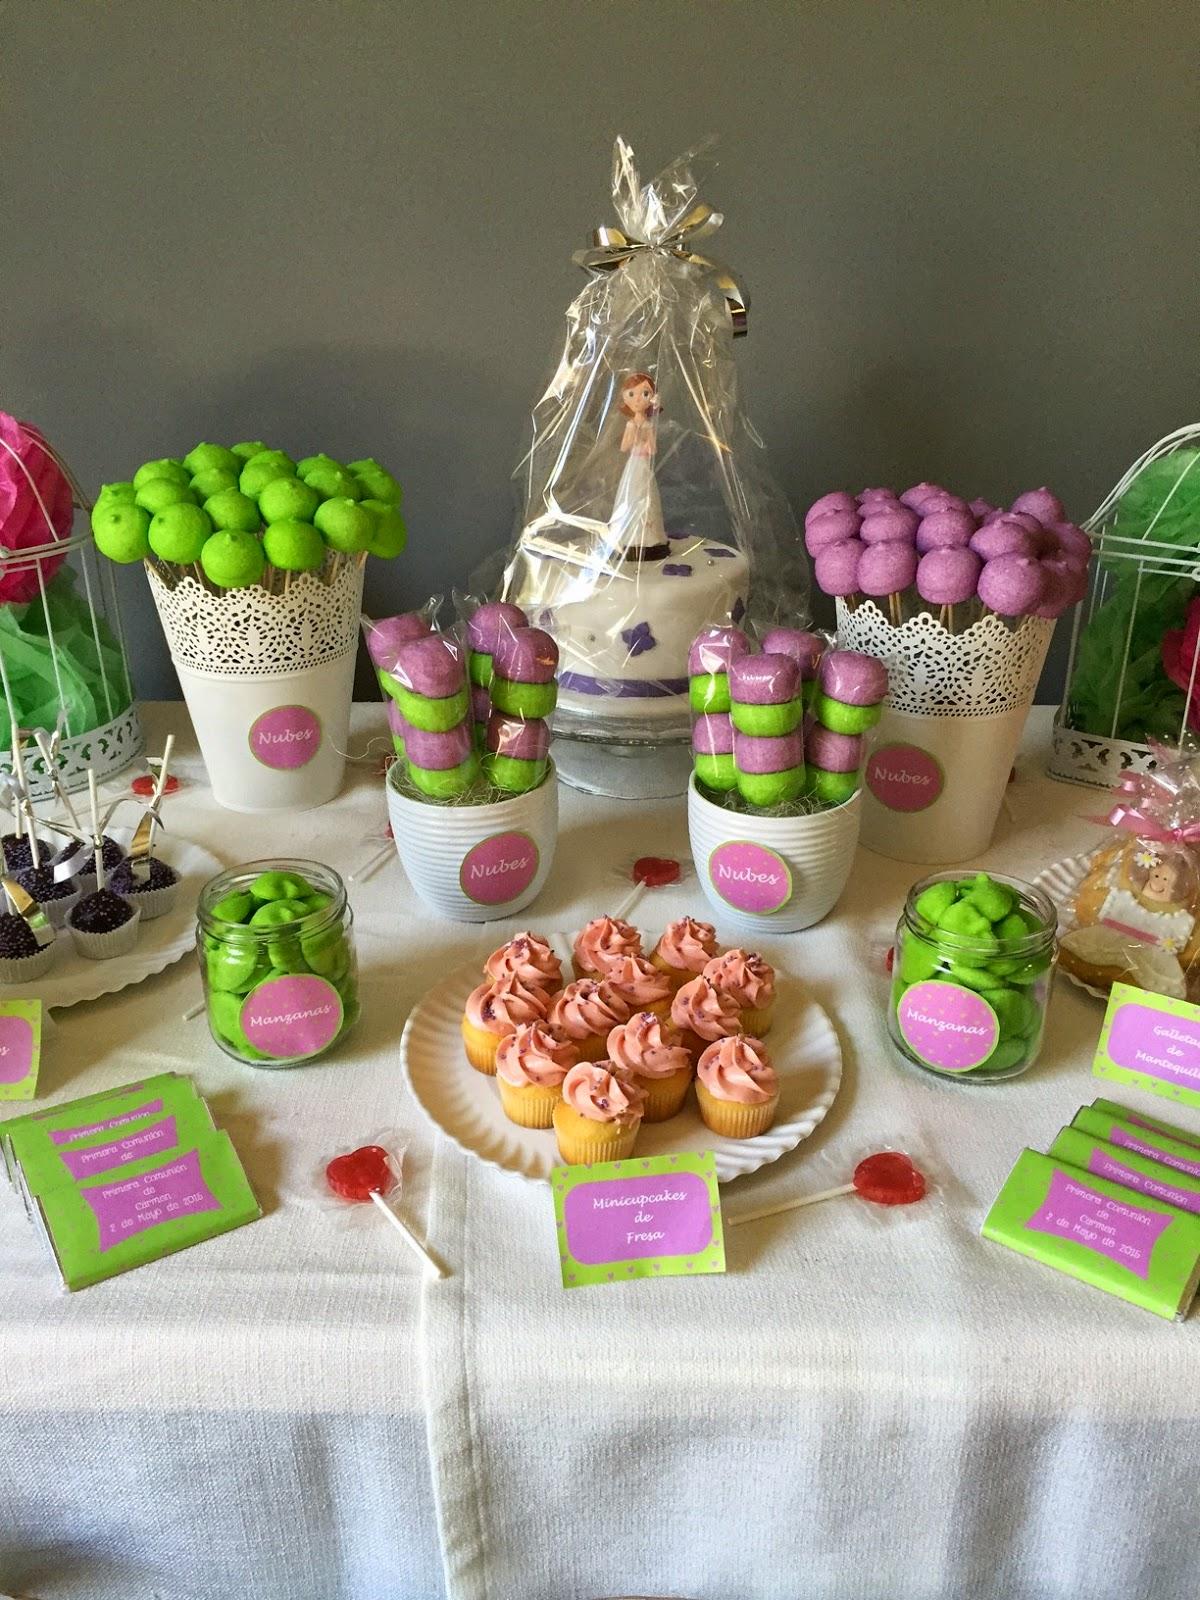 Sabores muy dulces mesa dulce para comuni n verde y morado - Preparar mesa dulce para comunion ...